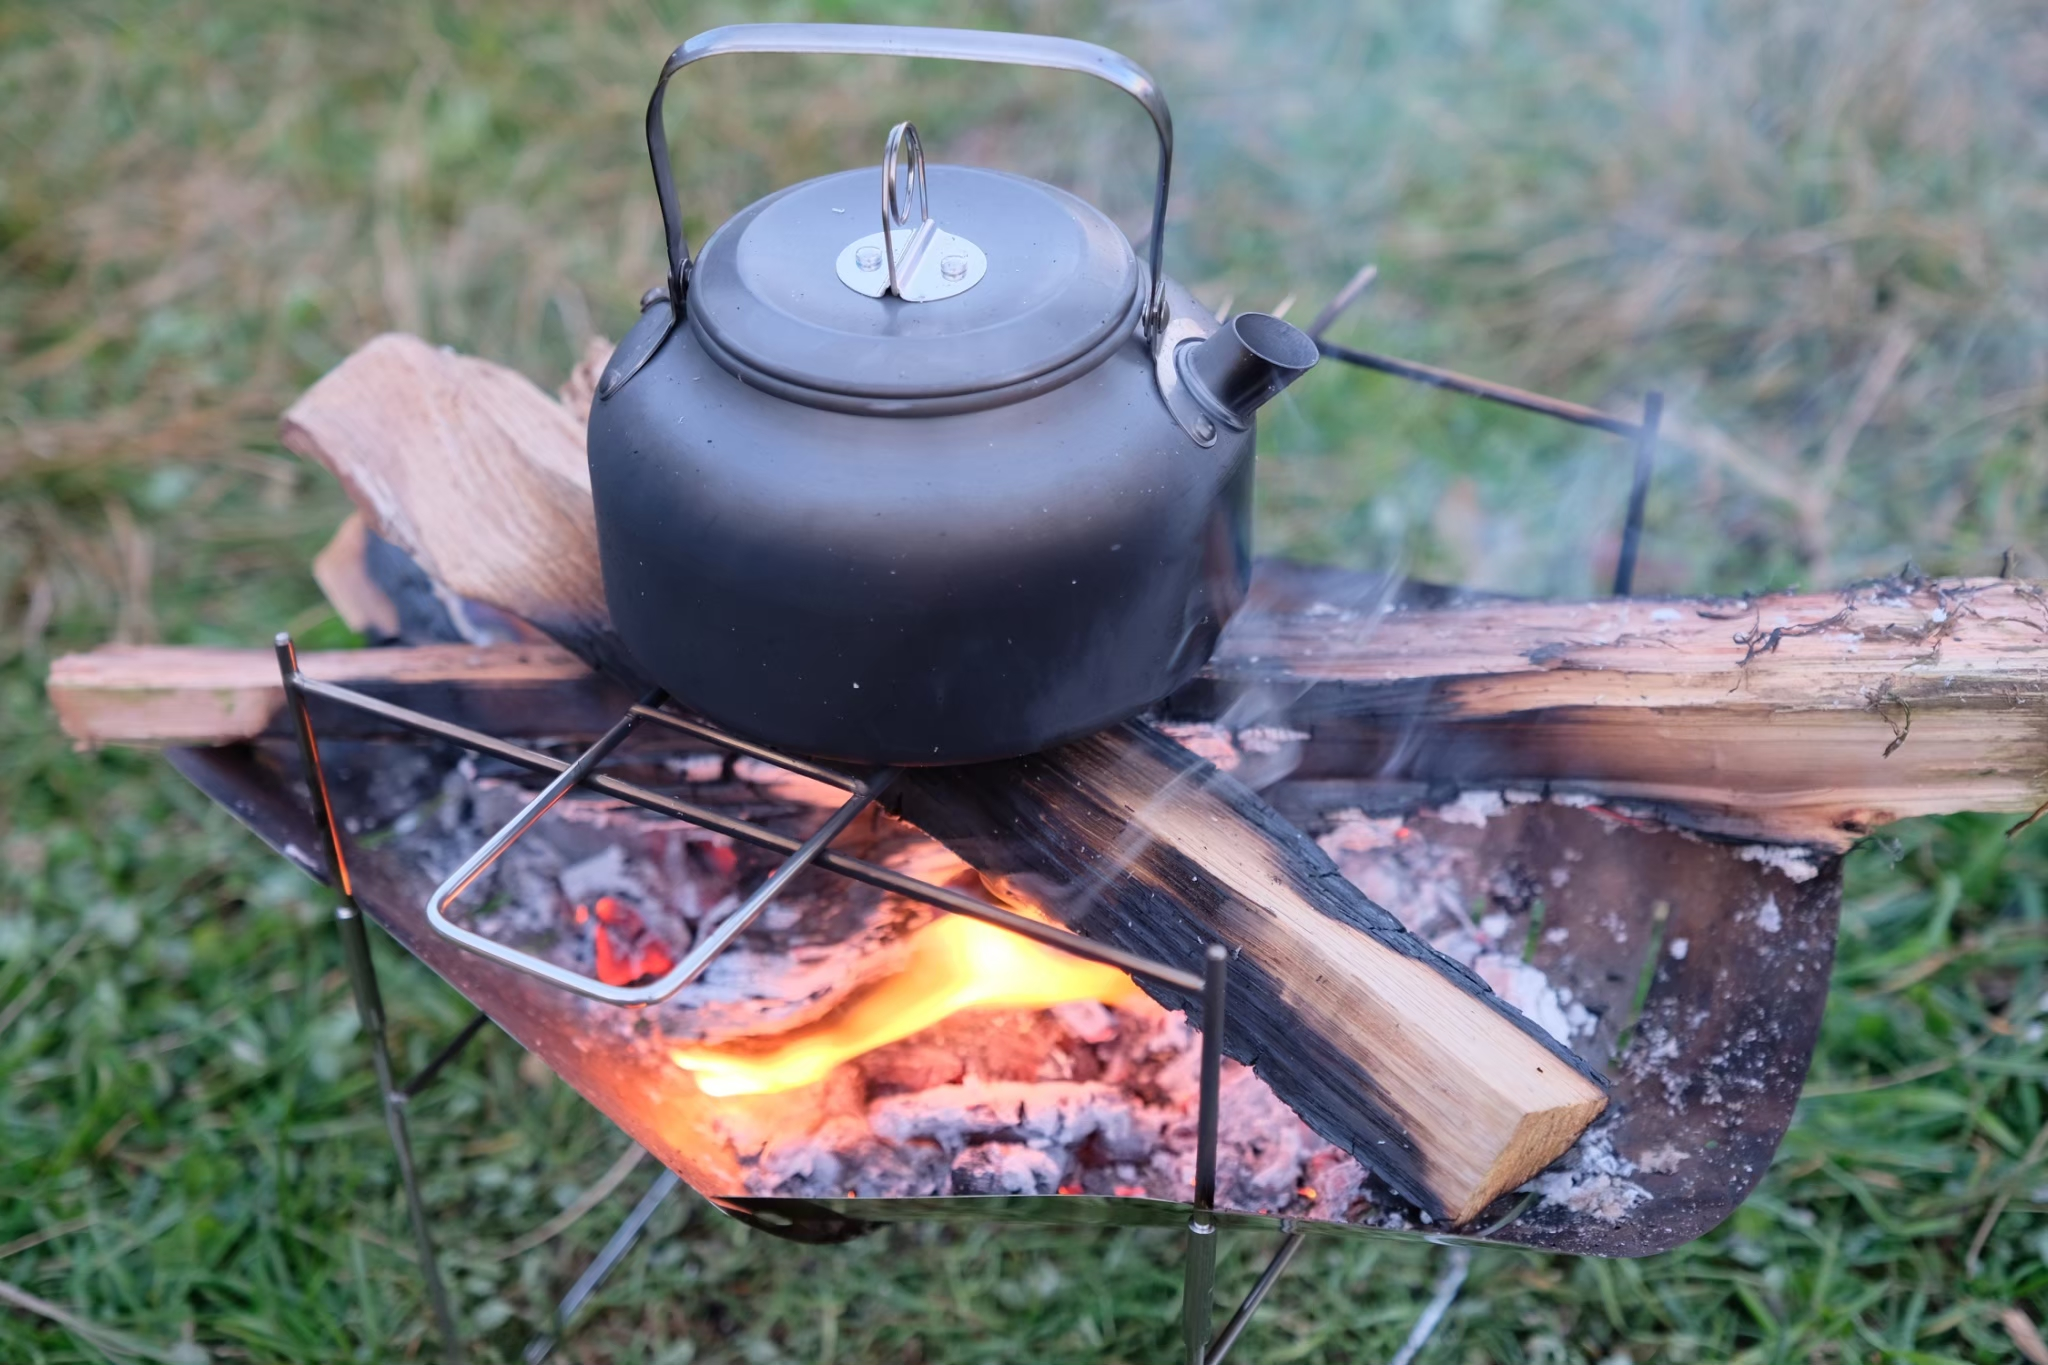 ピコグリル398でお湯を沸かす